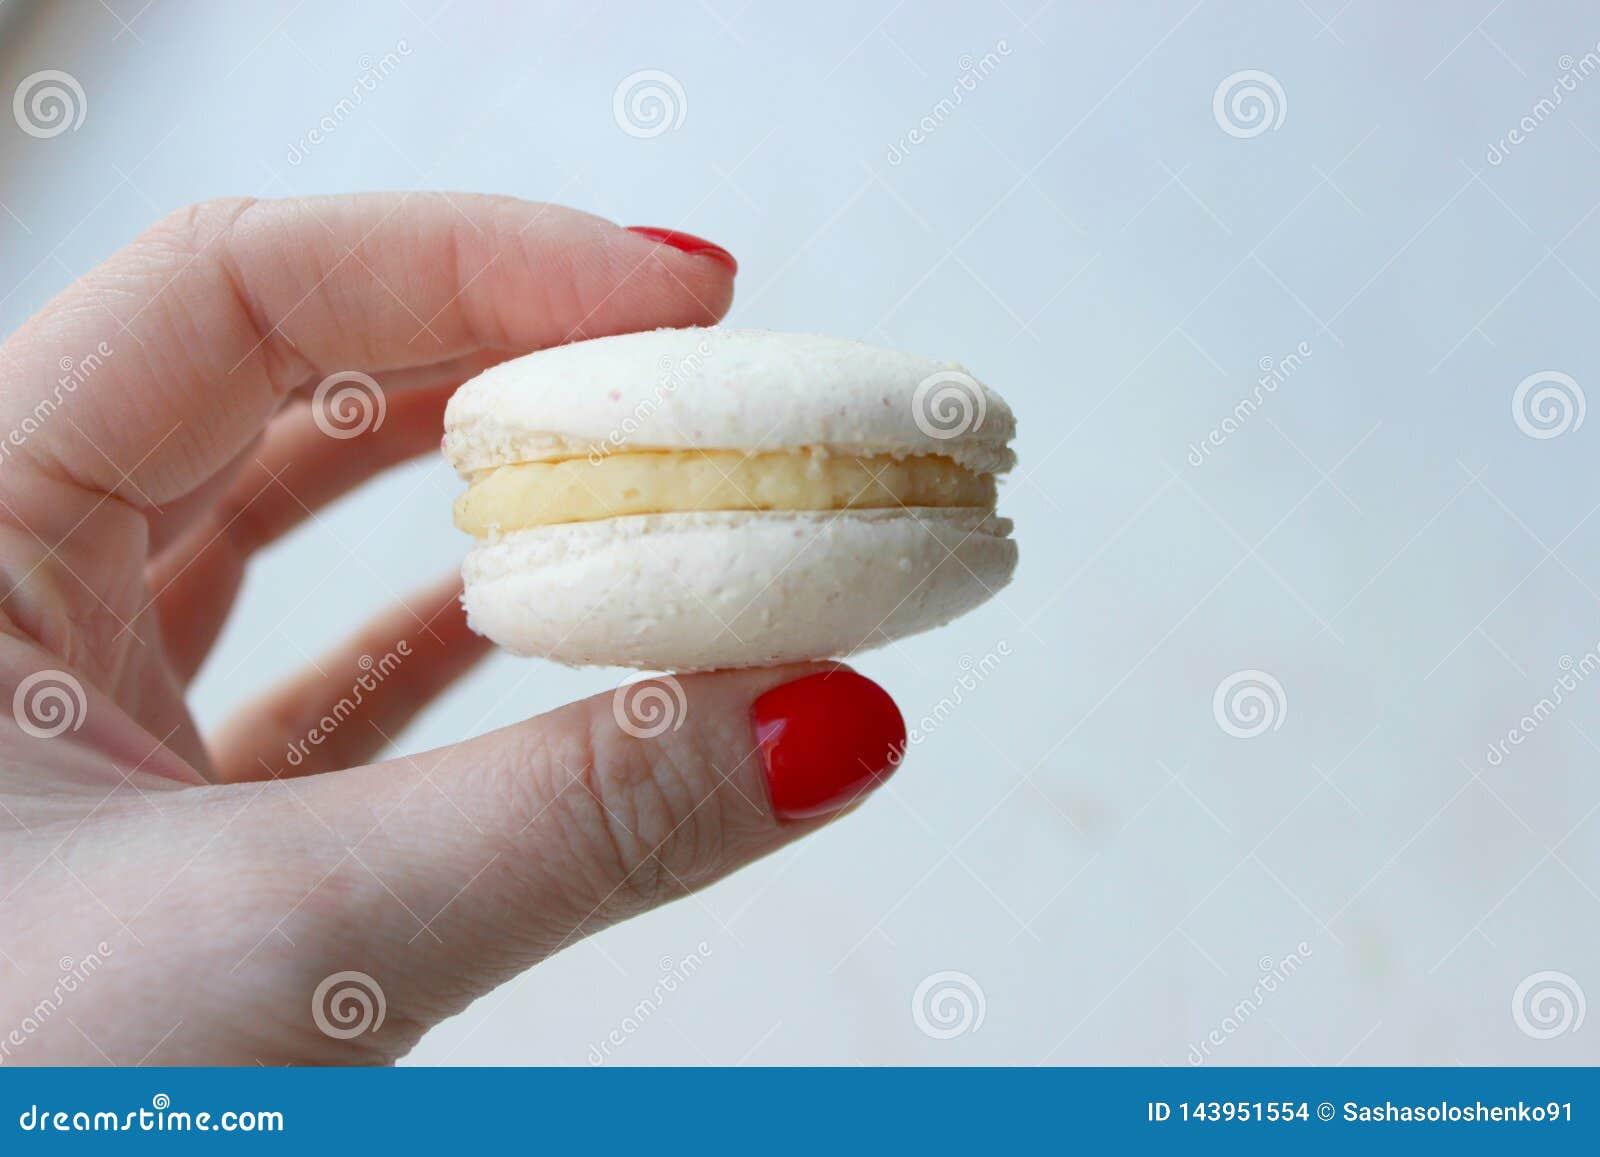 Gâteau de macaronis dans la main de la fille sur un fond clair, en gros plan